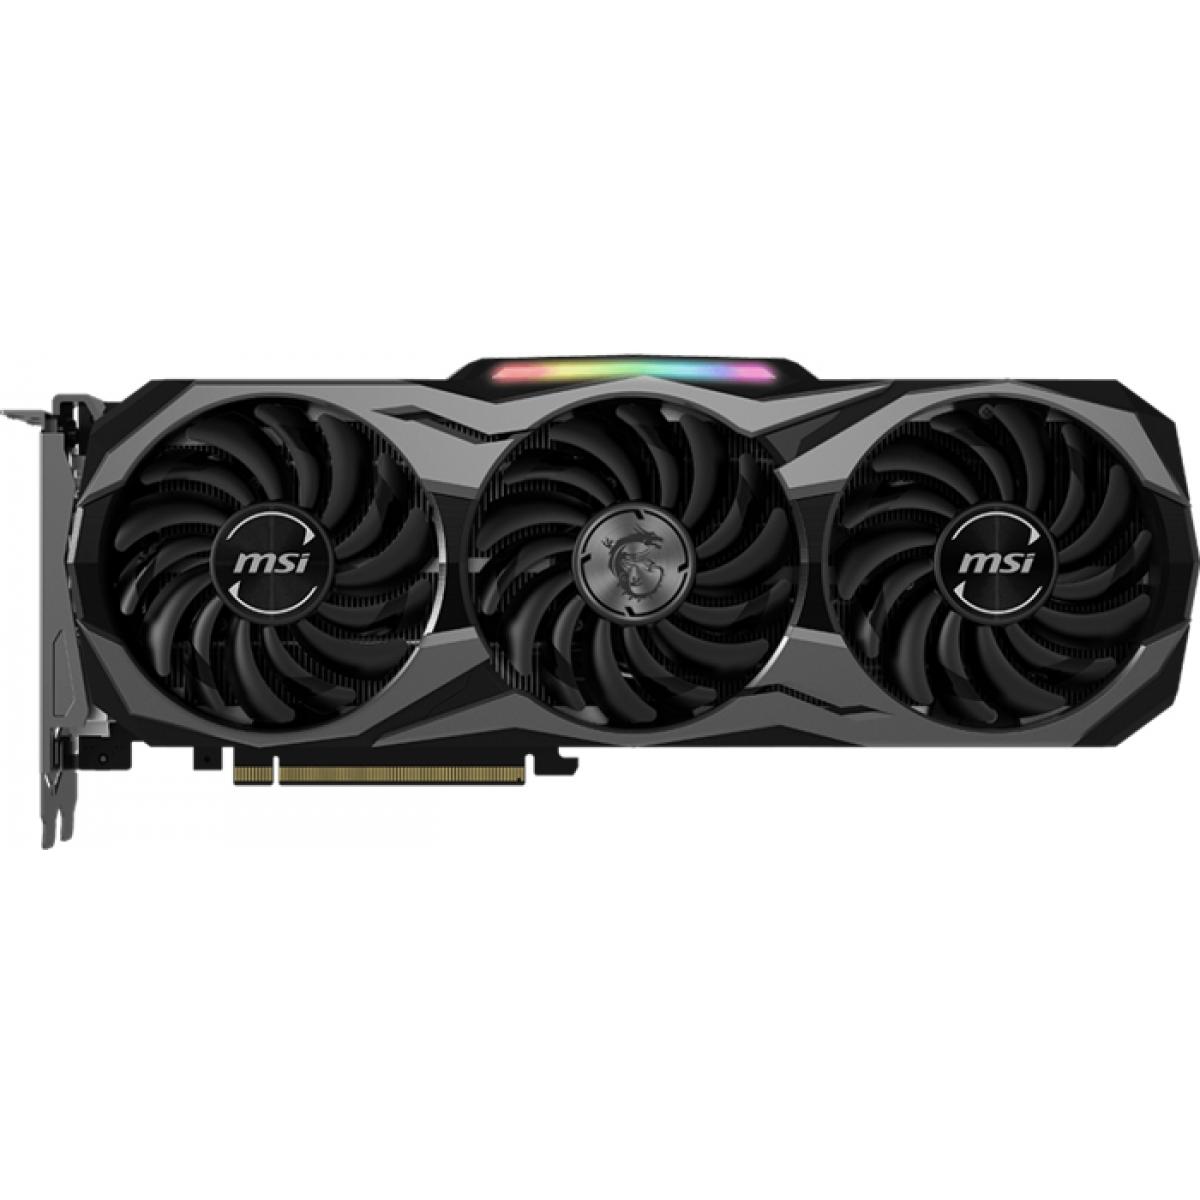 Placa de Video MSI GeForce RTX 2080 Duke OC, 8GB GDDR6, 256Bit